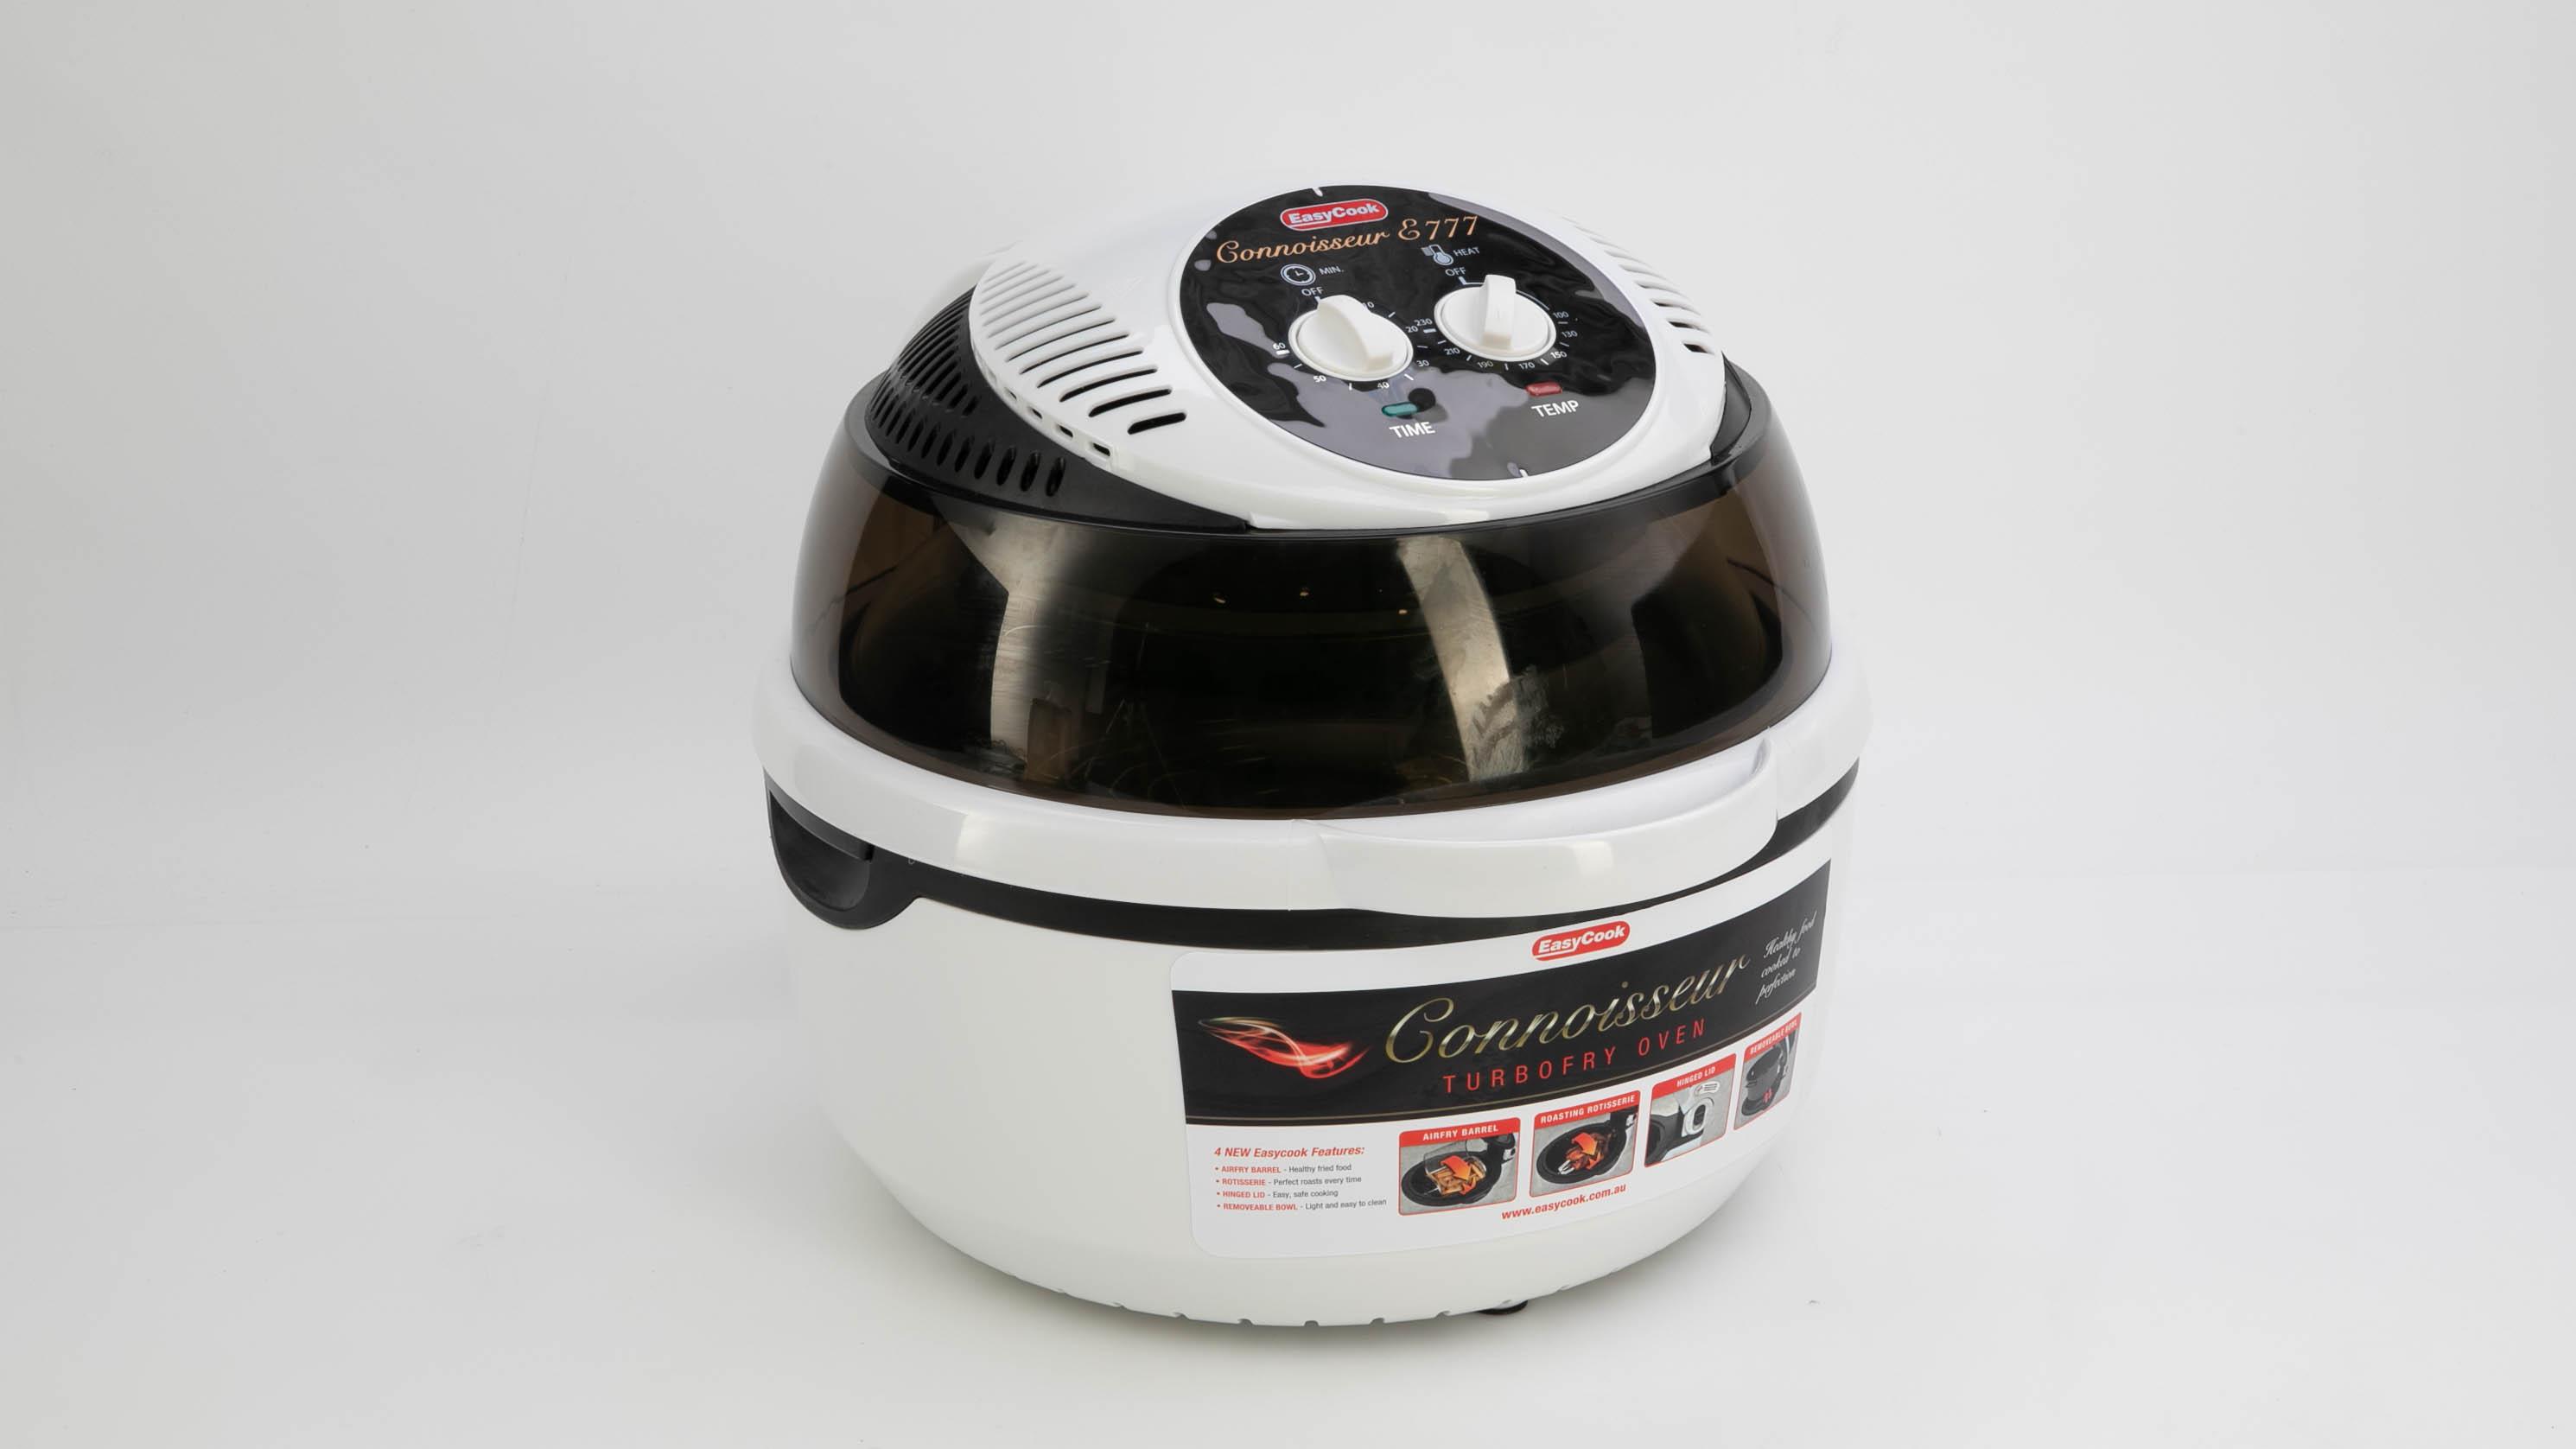 EasyCook 11L E777 Connoisseur Turbo Air Fryer